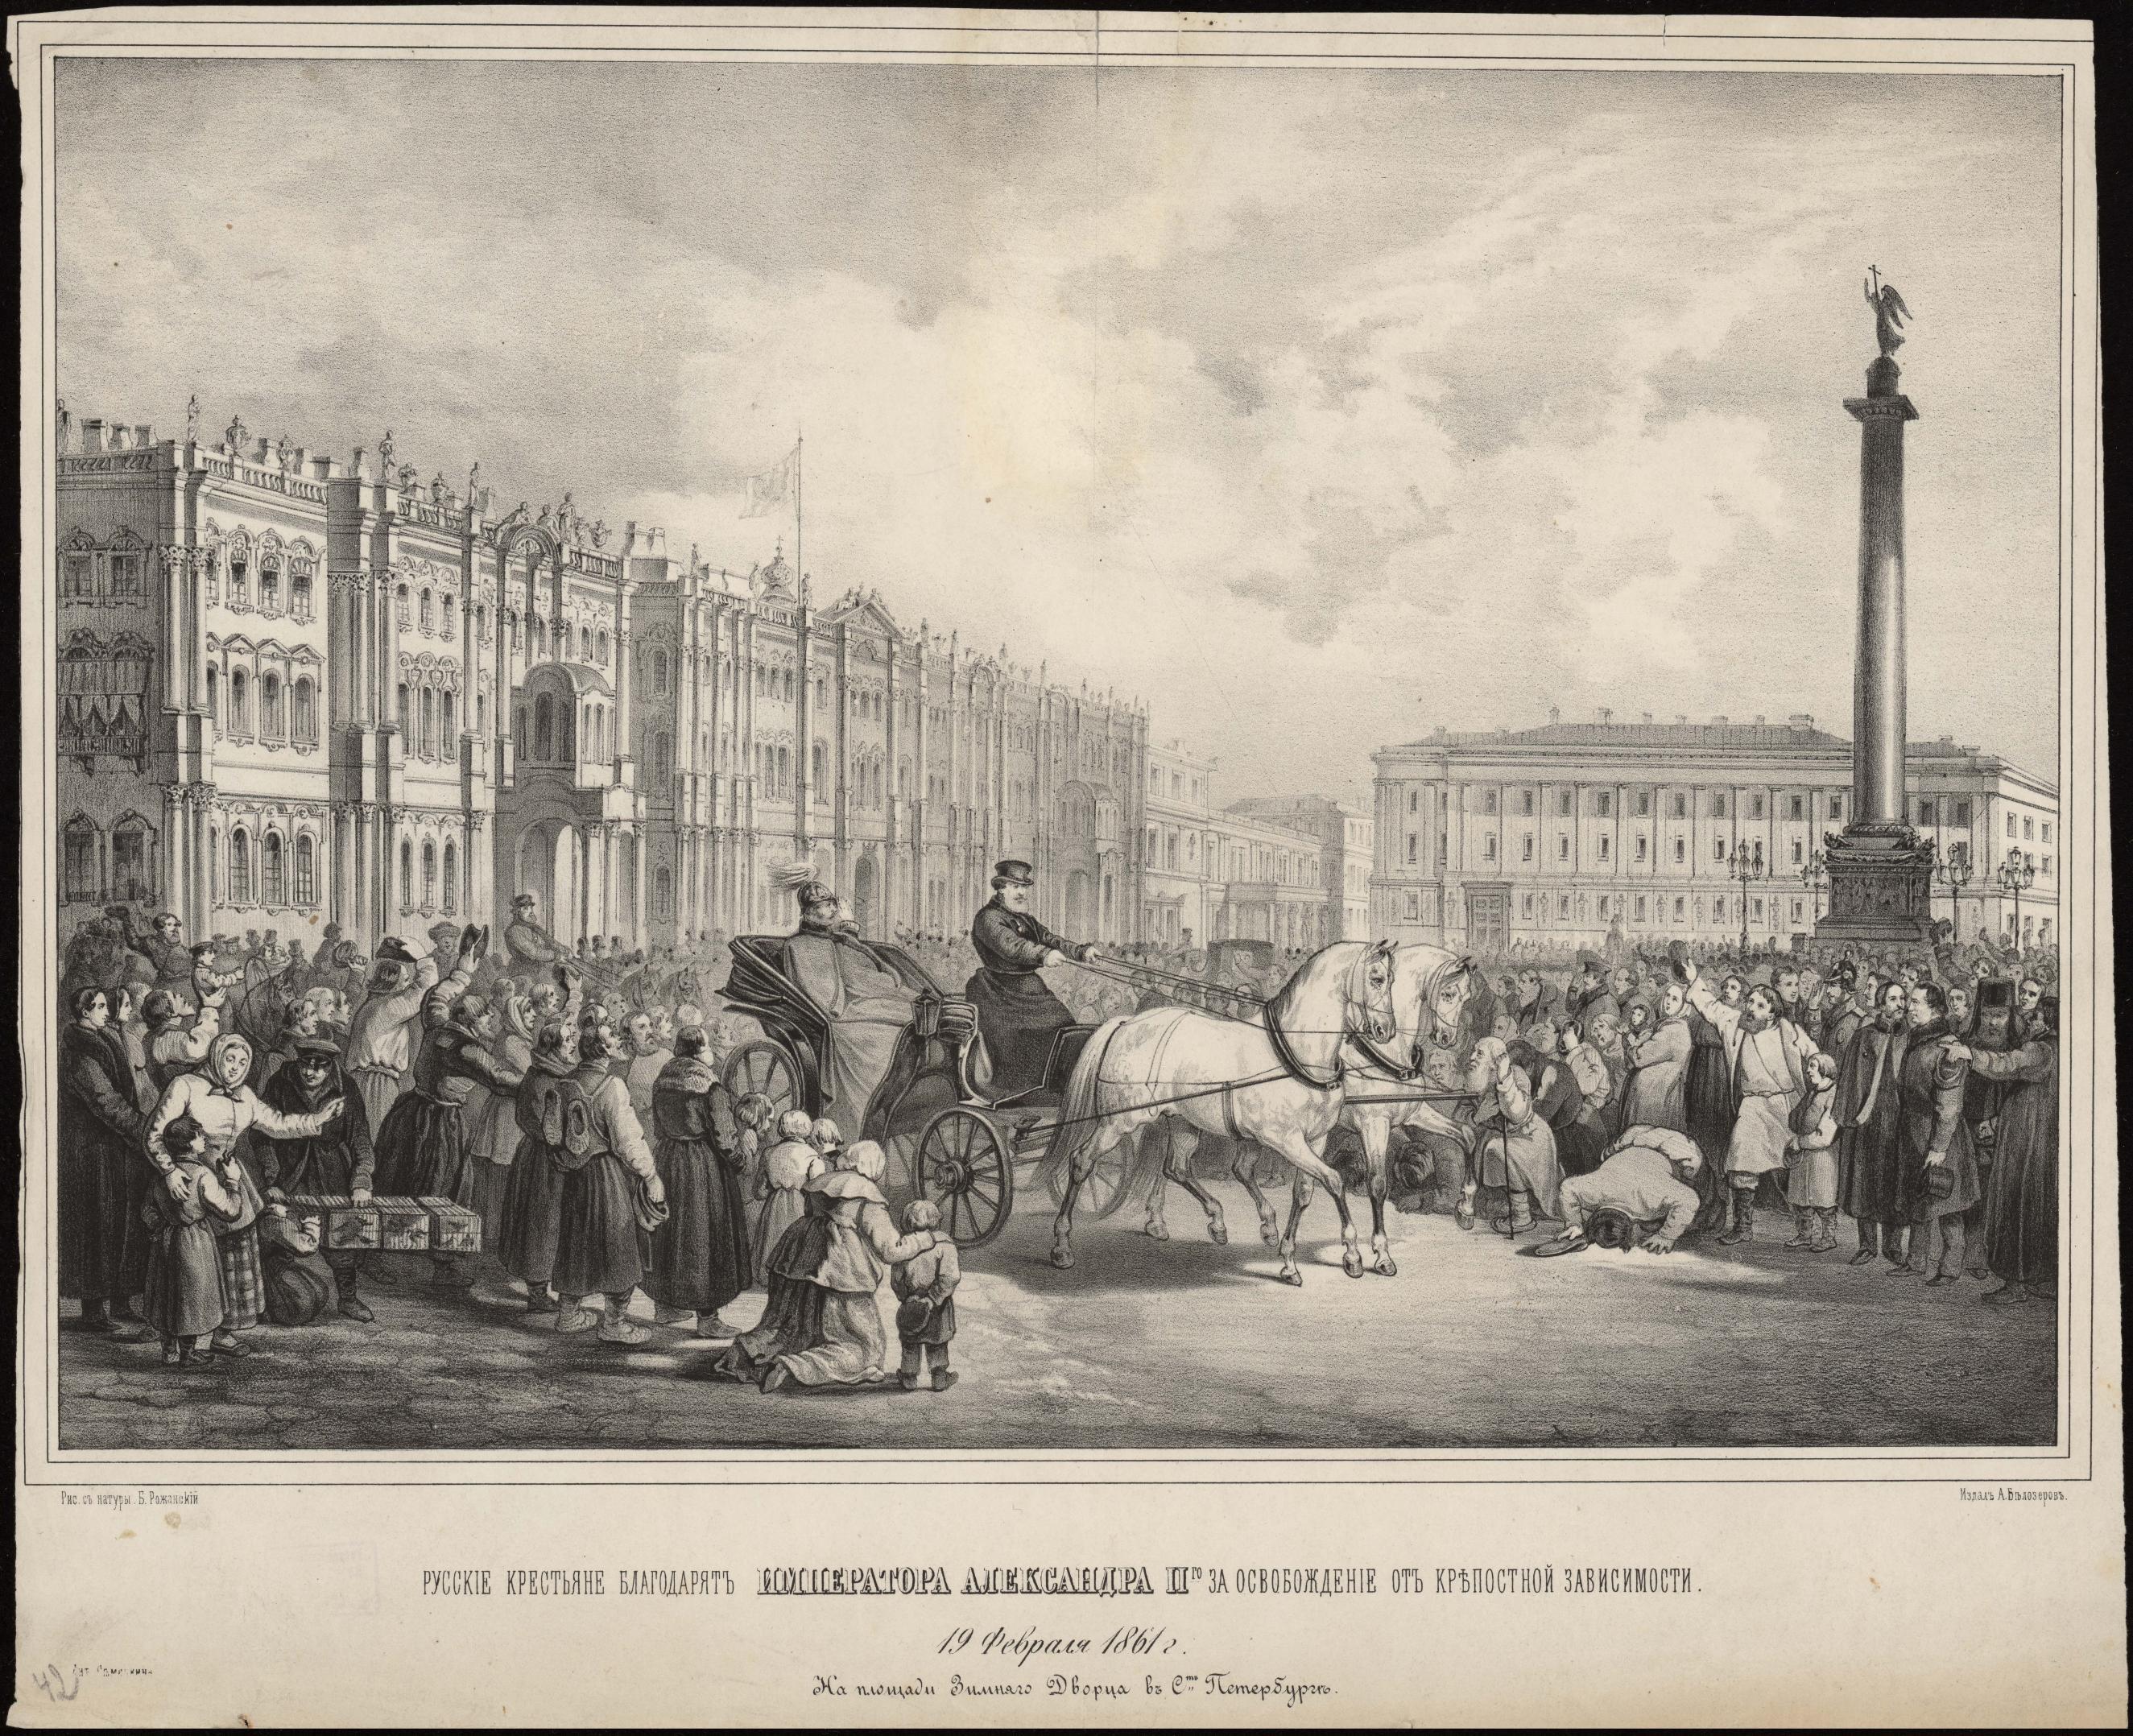 1861. Русские крестьяне благодарят императора Александра II за освобождение от крепостной зависимости 19 февраля